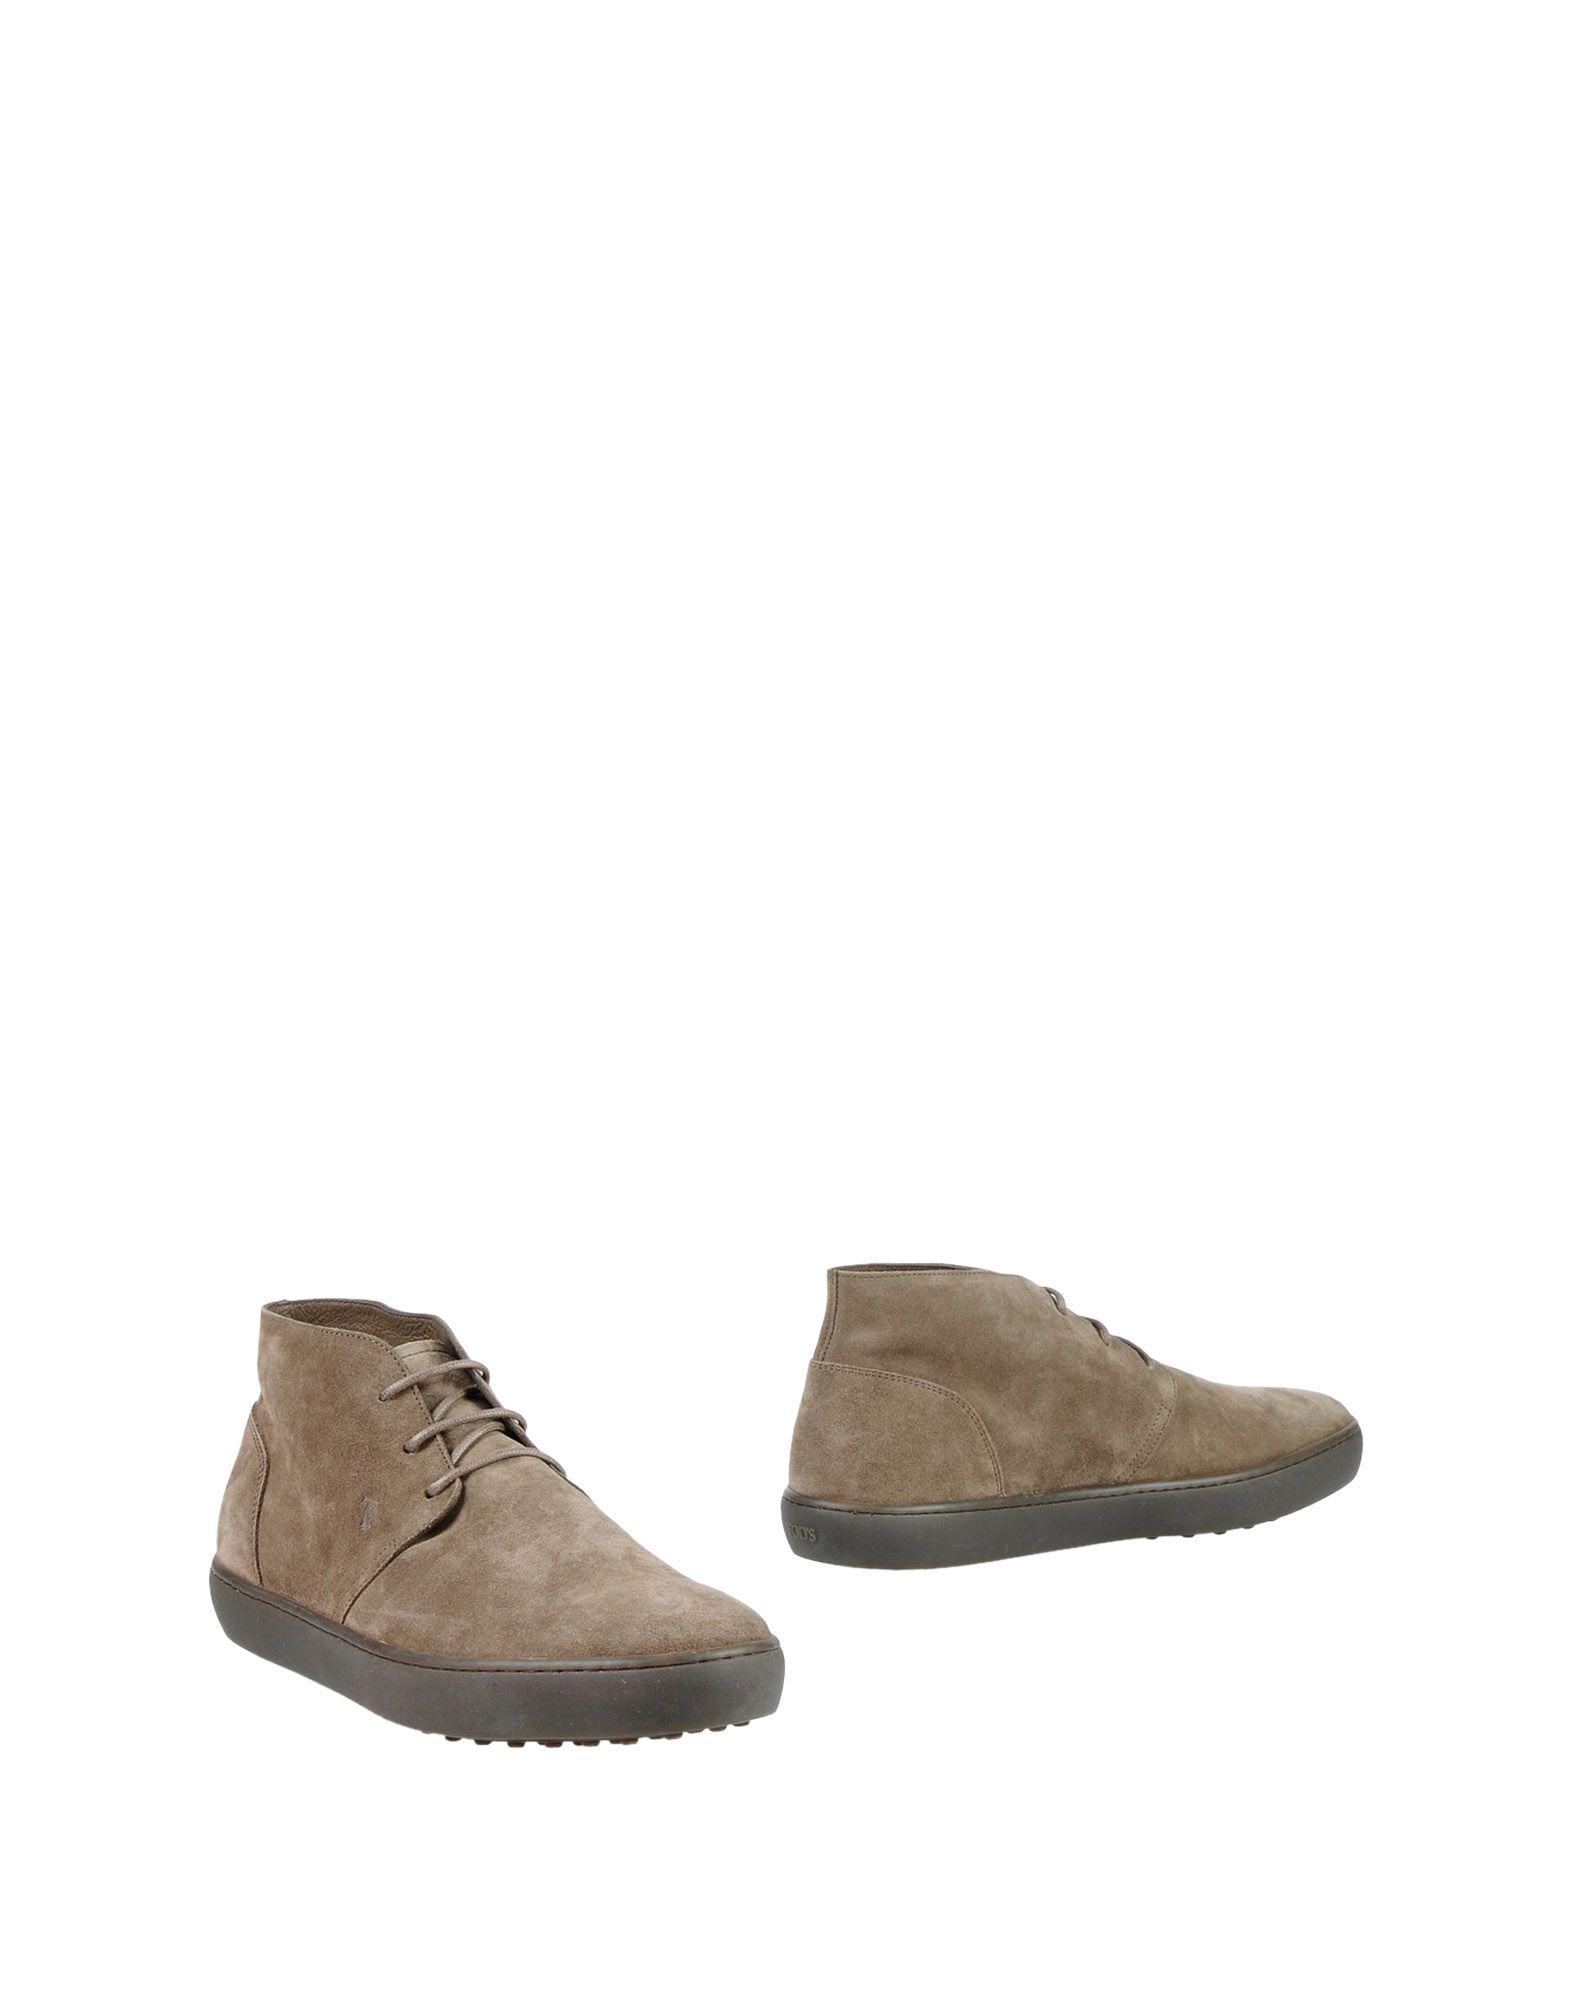 Tod's Stiefelette Herren  11397322OI Gute Qualität beliebte Schuhe